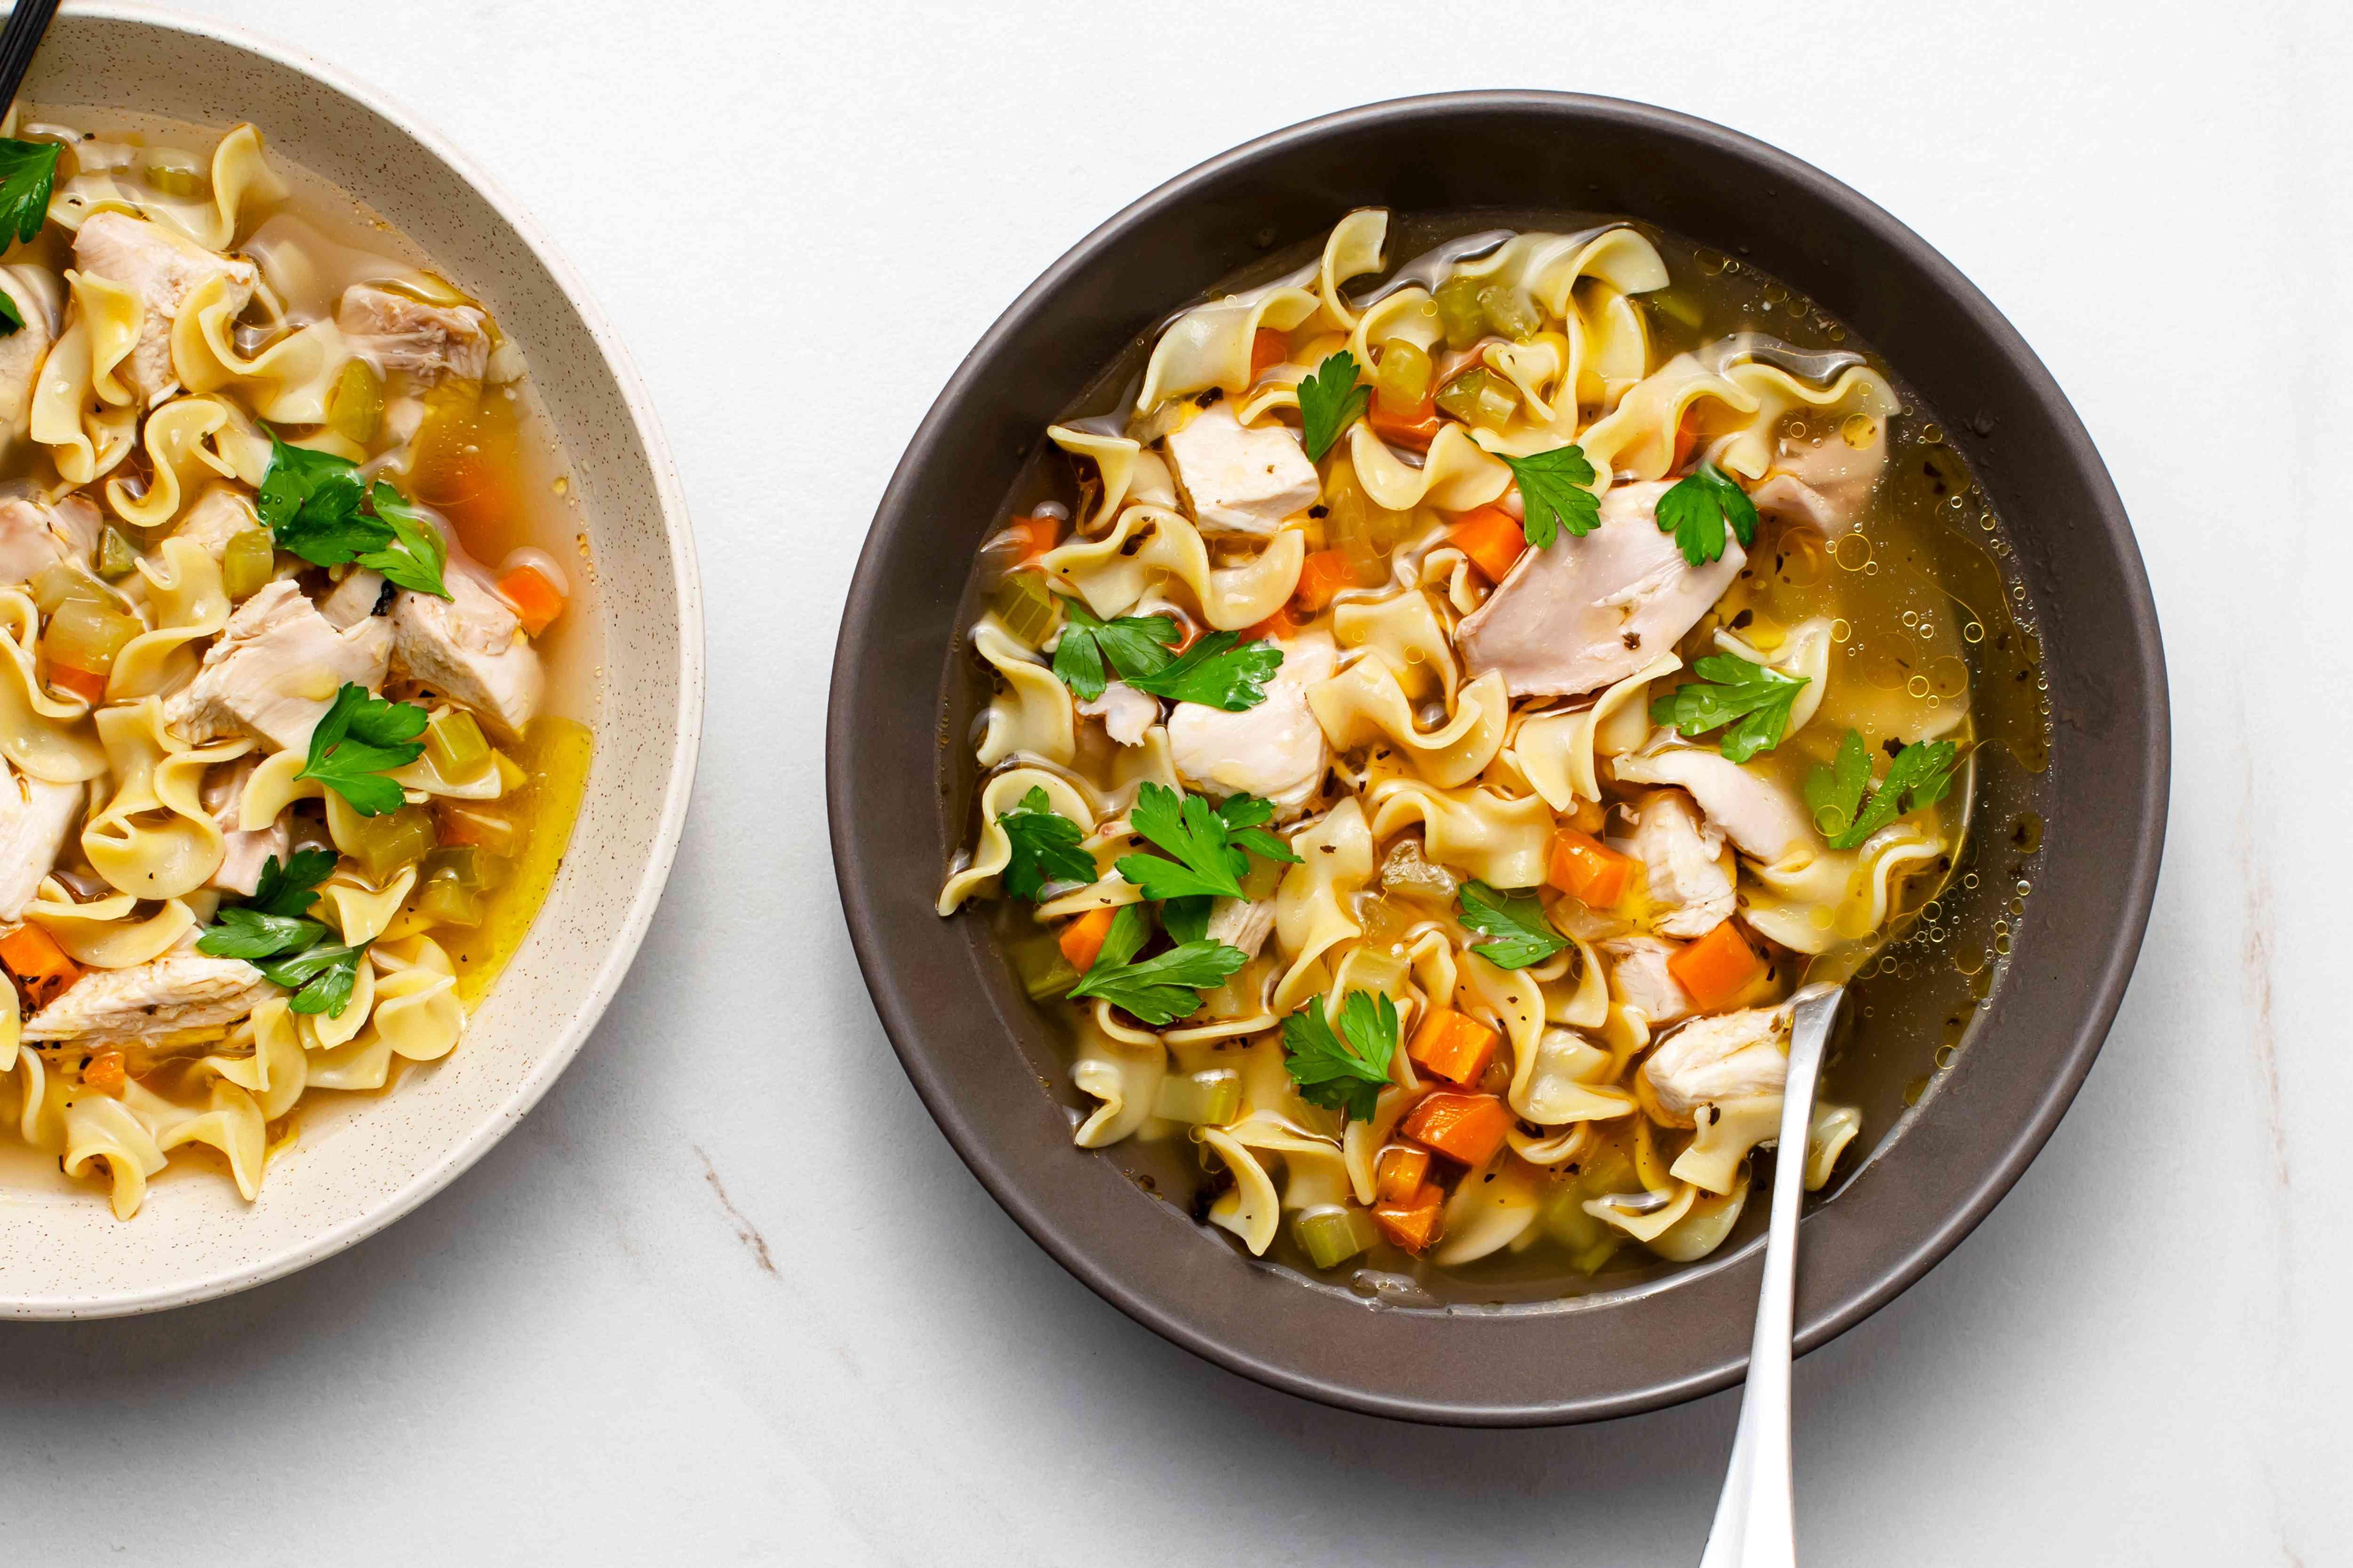 Crock Pot Chicken Noodle Soup in a bowl